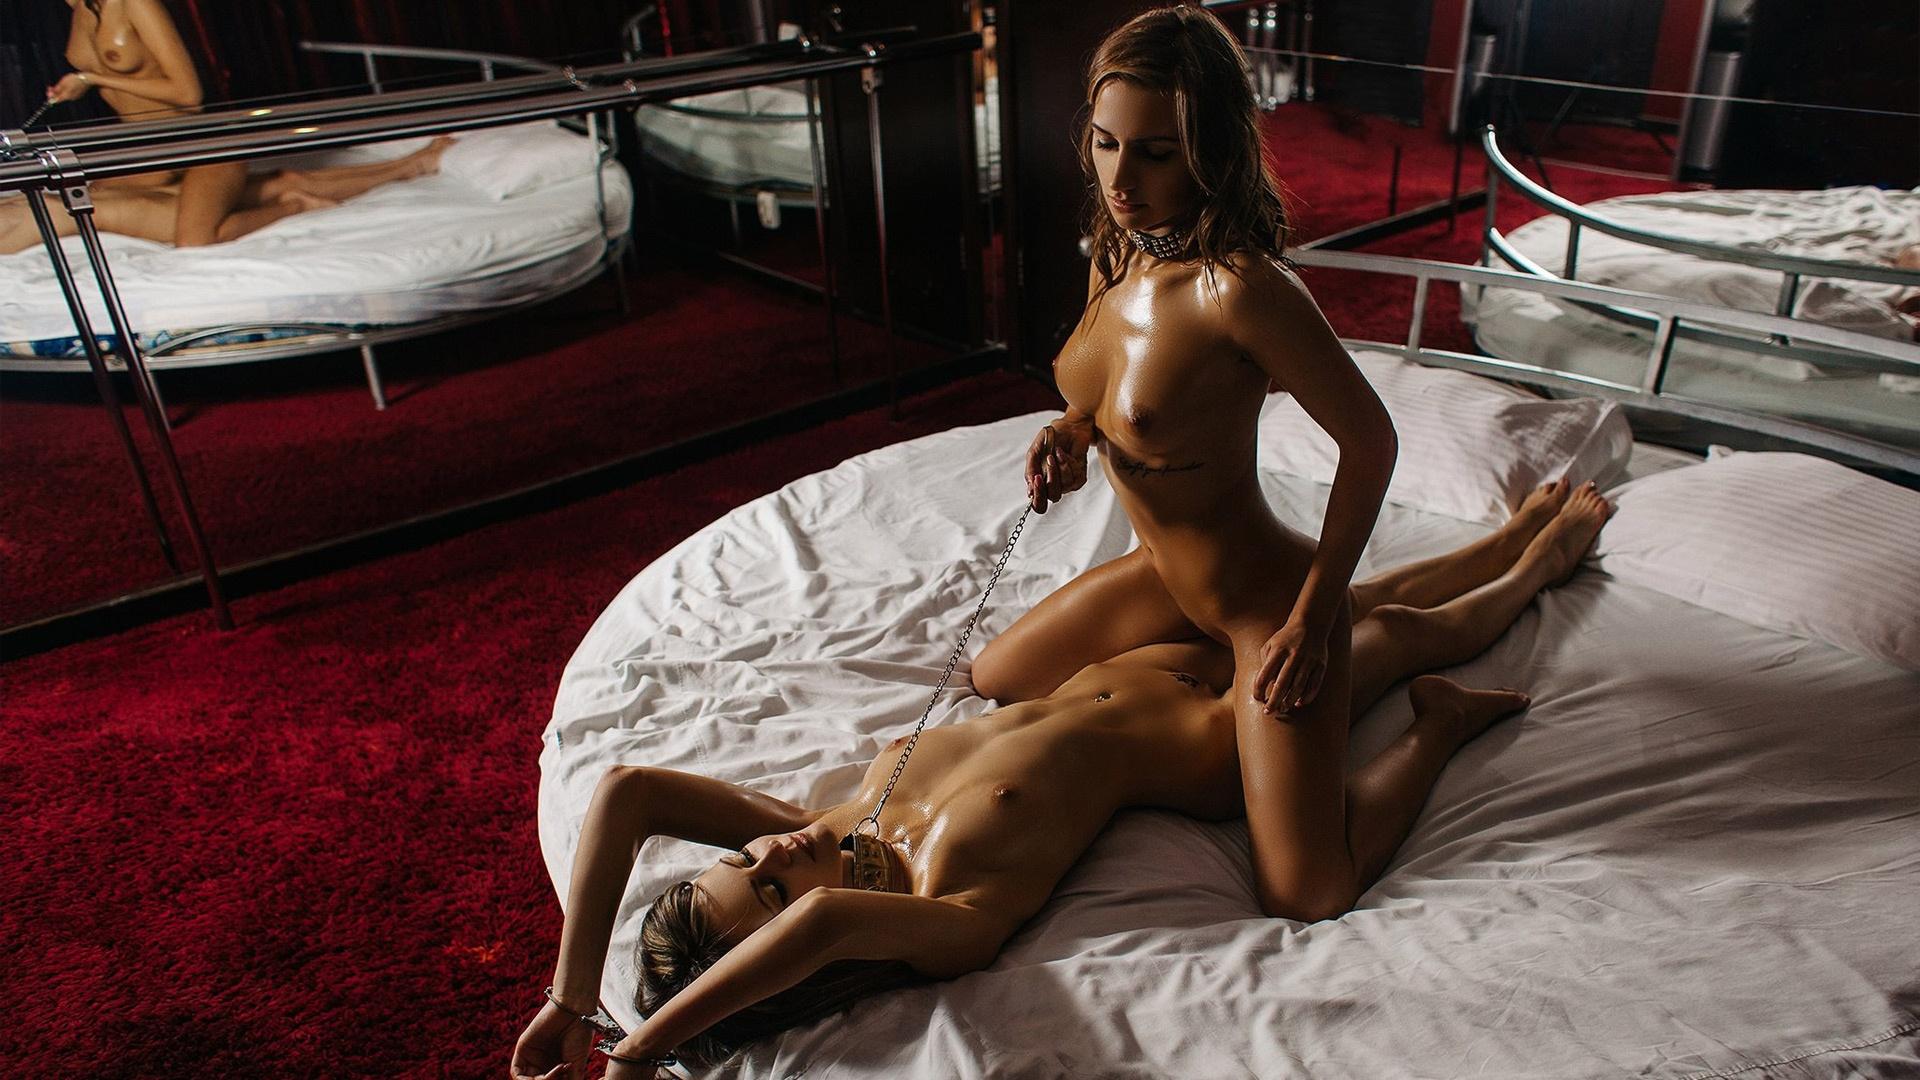 erotic bondage games